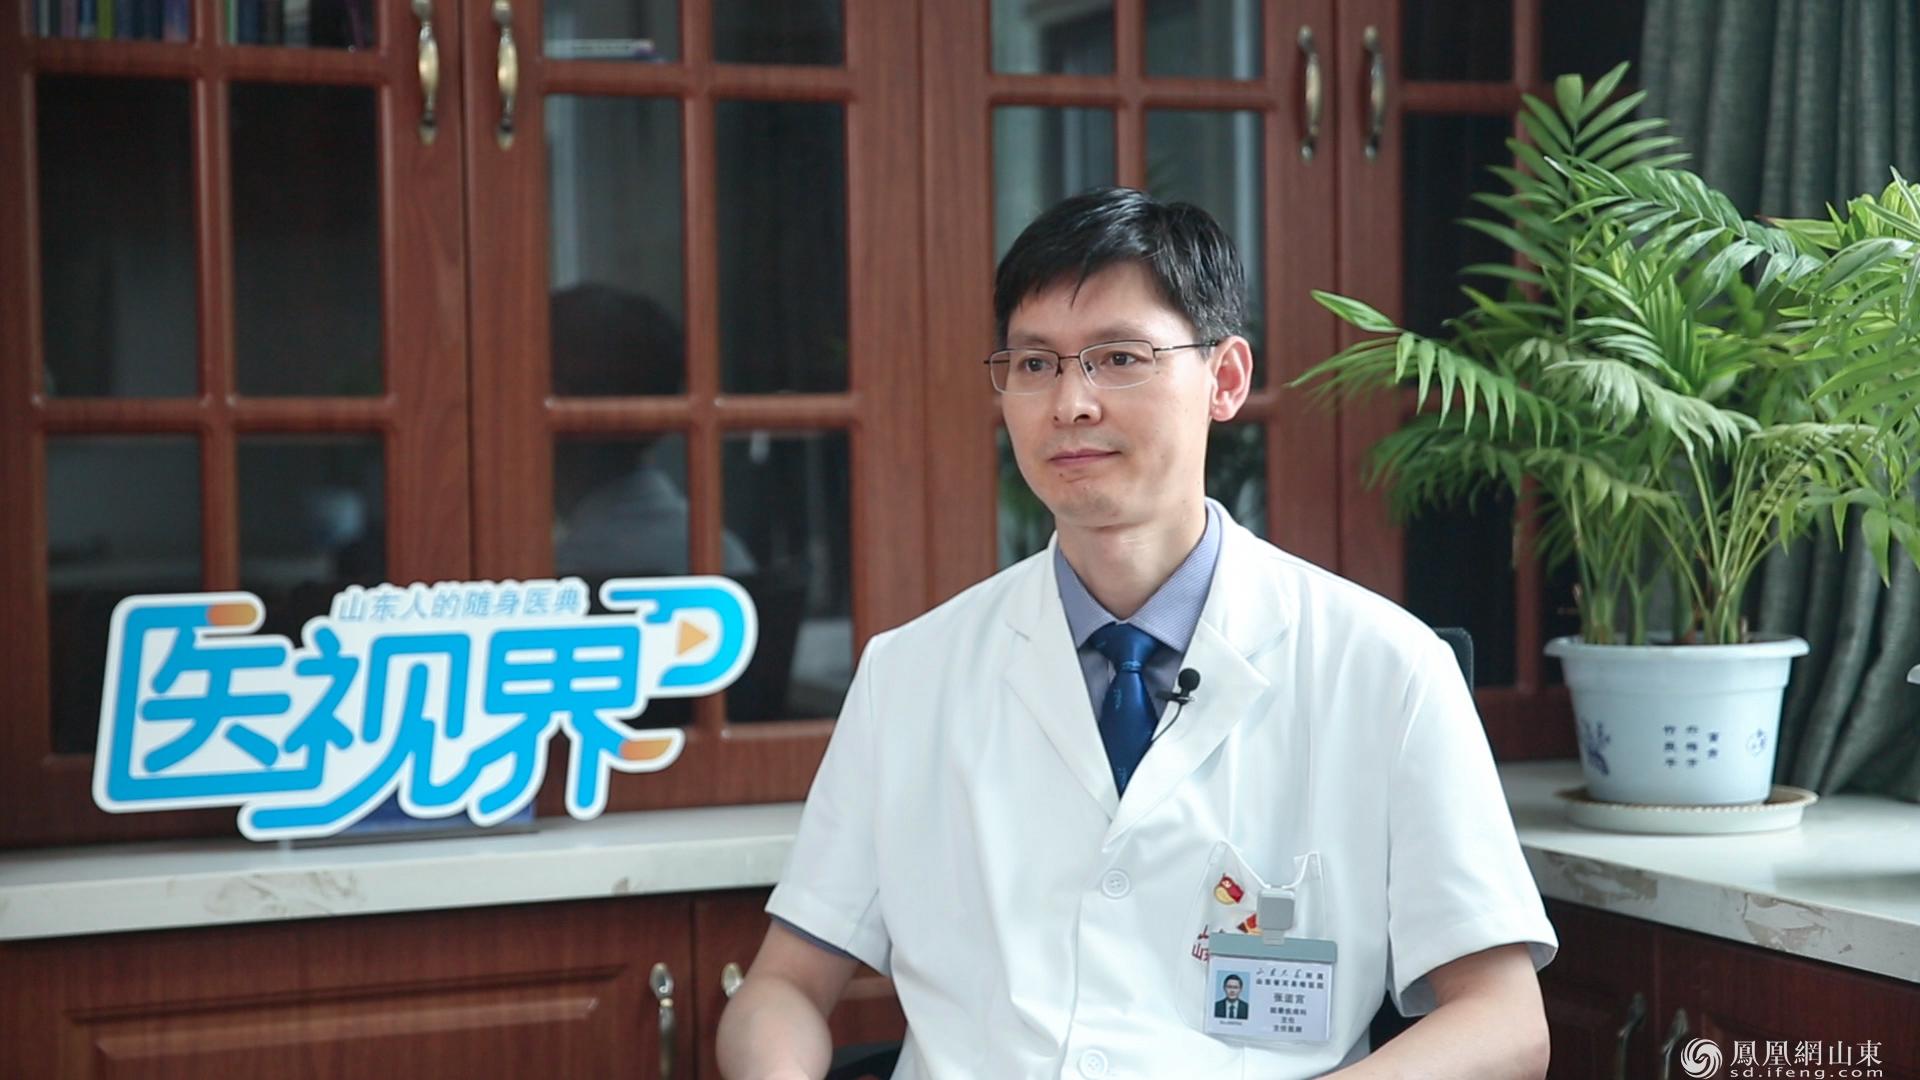 山东大学附属省耳鼻喉医院眩晕疾病科主任医师——张道宫